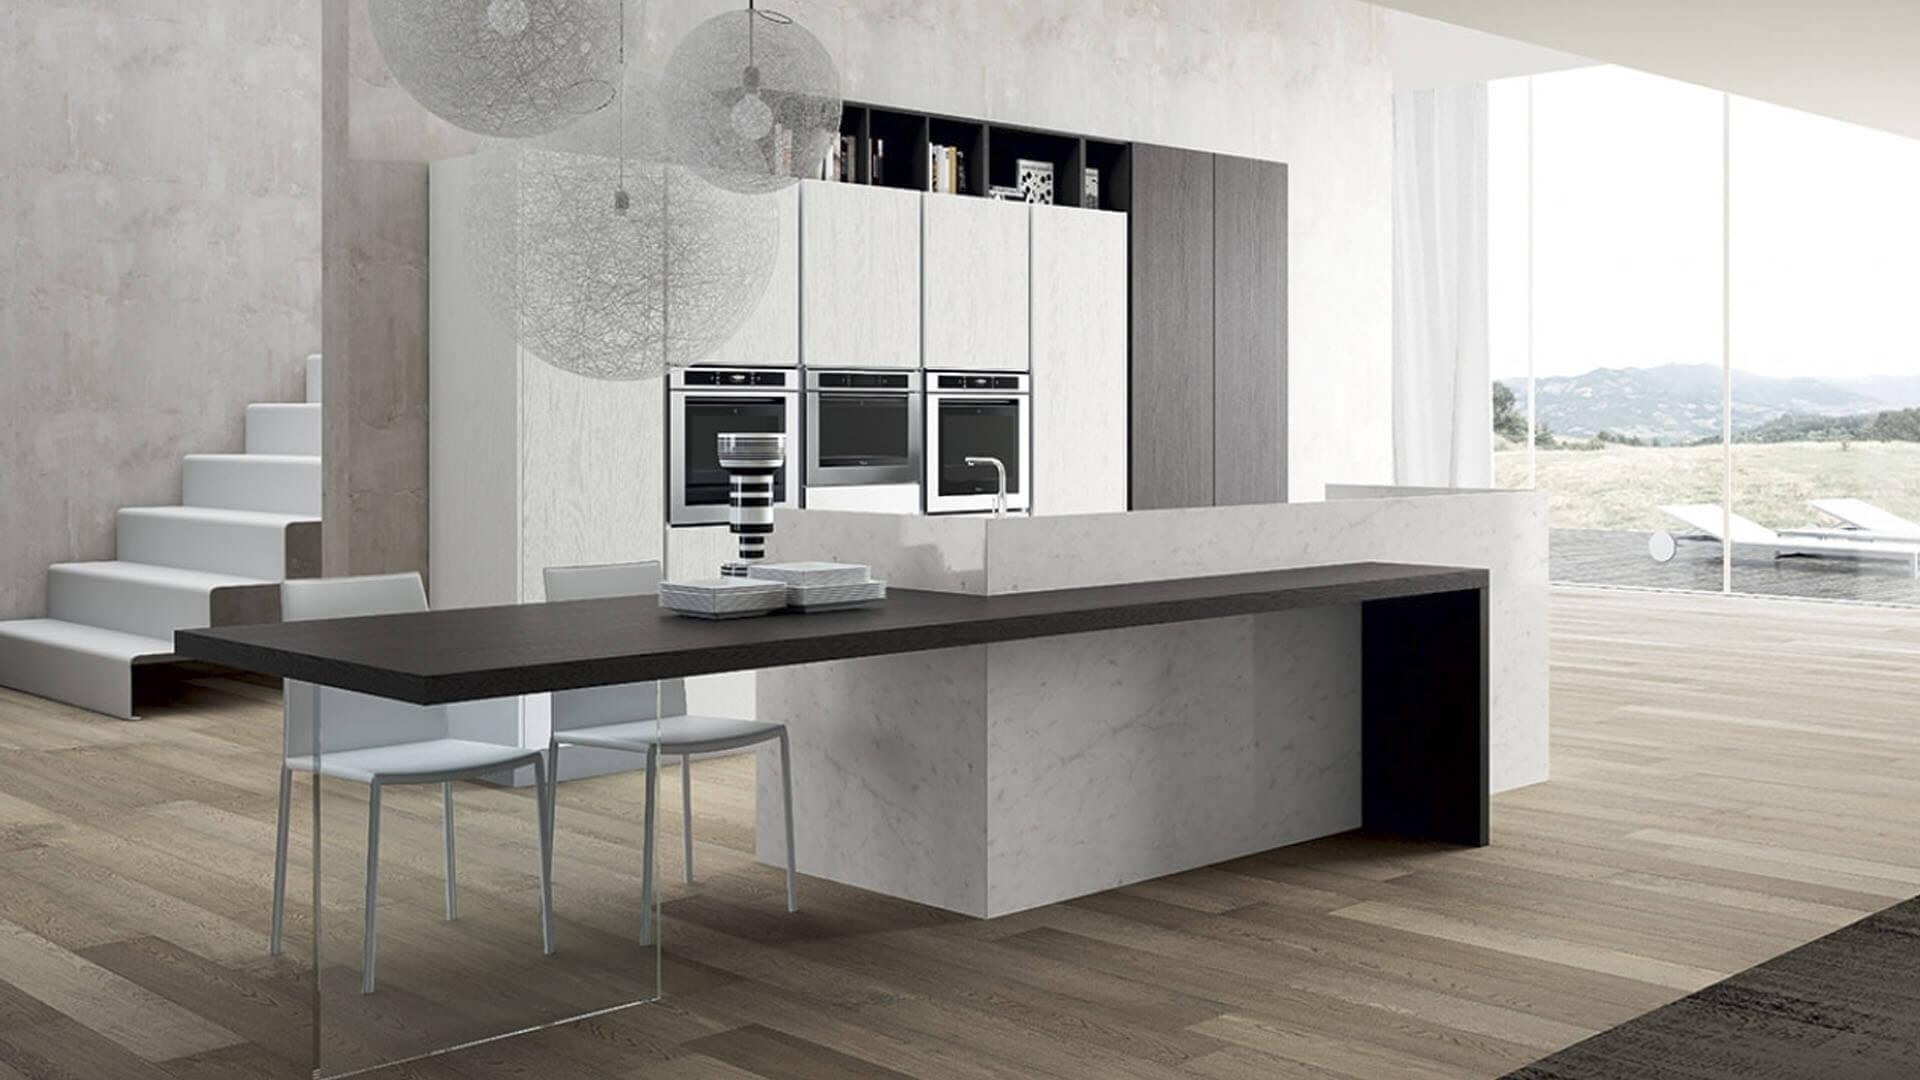 Dentro casa design 360 ceramiche e arredamento a brescia for Arredamento casa brescia